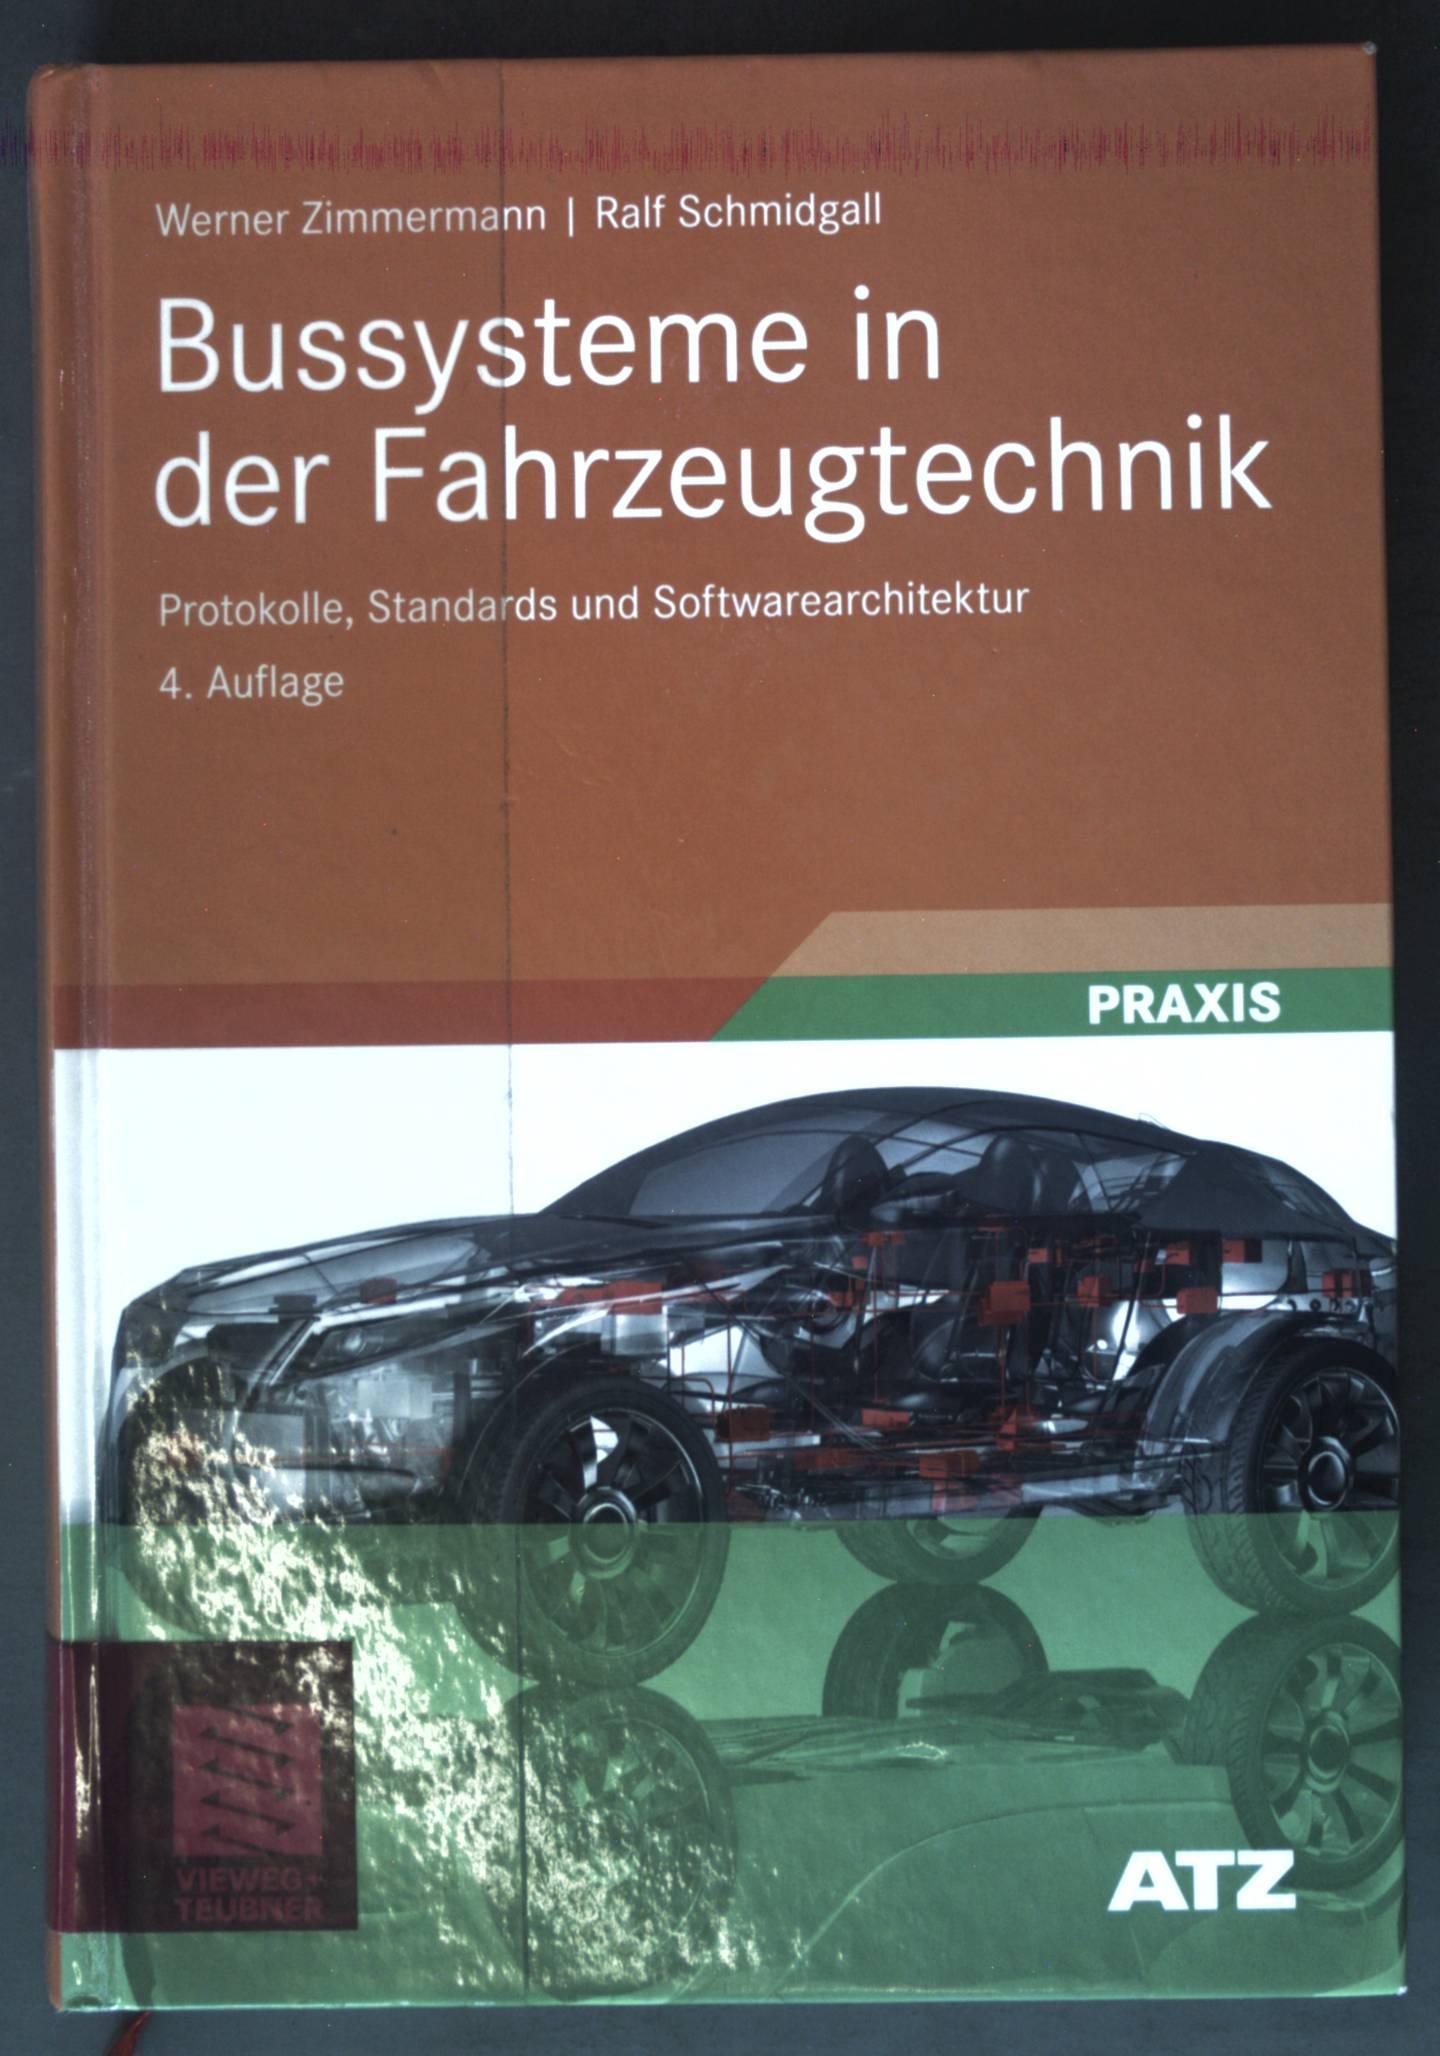 Bussysteme in der Fahrzeugtechnik : Protokolle, Standards und Softwarearchitektur ; ATZ-MTZ-Fachbuch; Praxis 4., aktualisierte und erw. Aufl. - Zimmermann, Werner und Christian Schmidgall